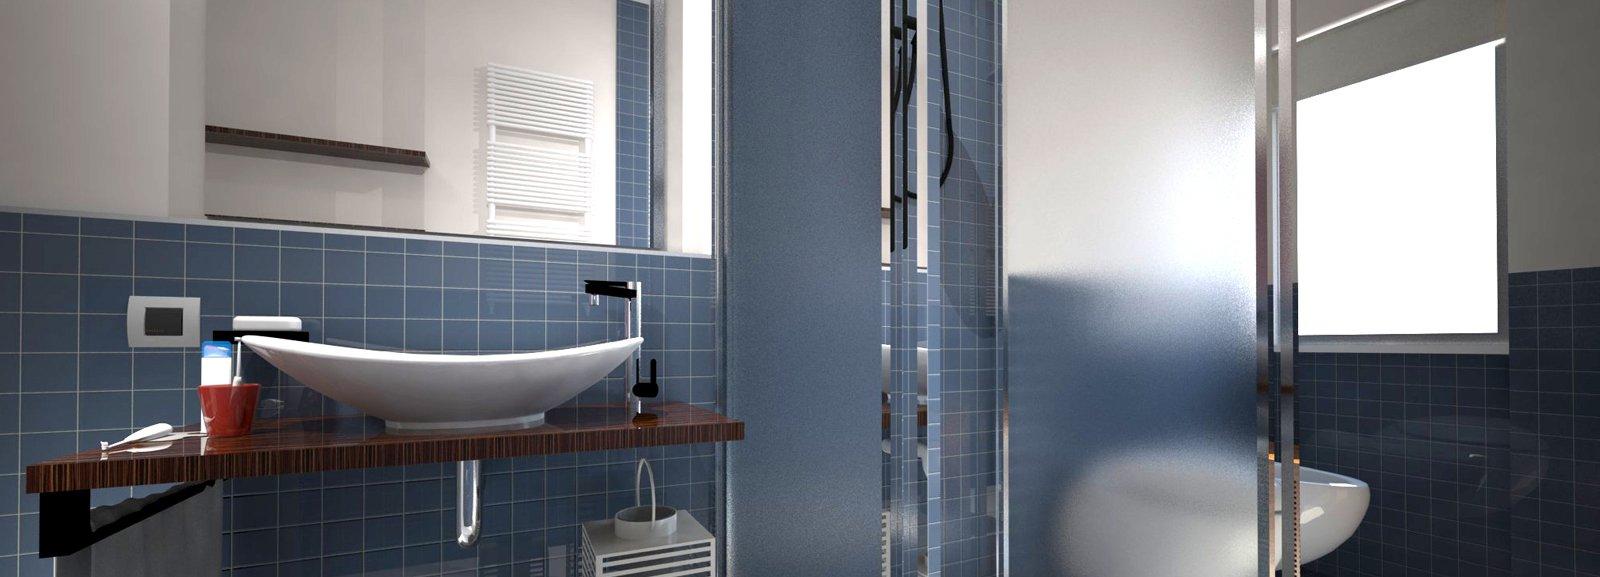 Dove metto la doccia nel bagno lungo e stretto cose di casa for Bagno stretto e lungo